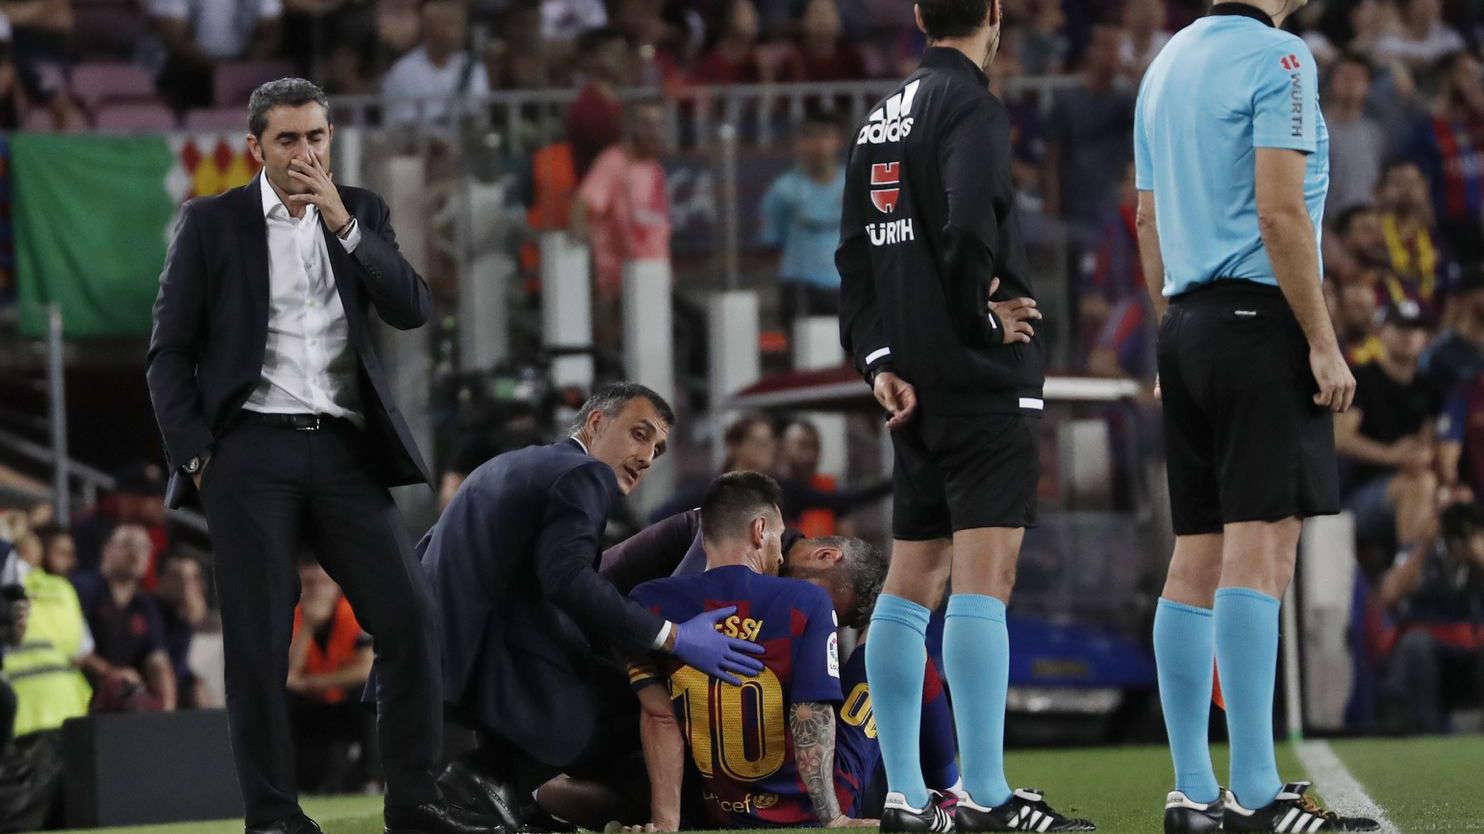 HLV Valverde lo lắng vì chấn thương của Messi